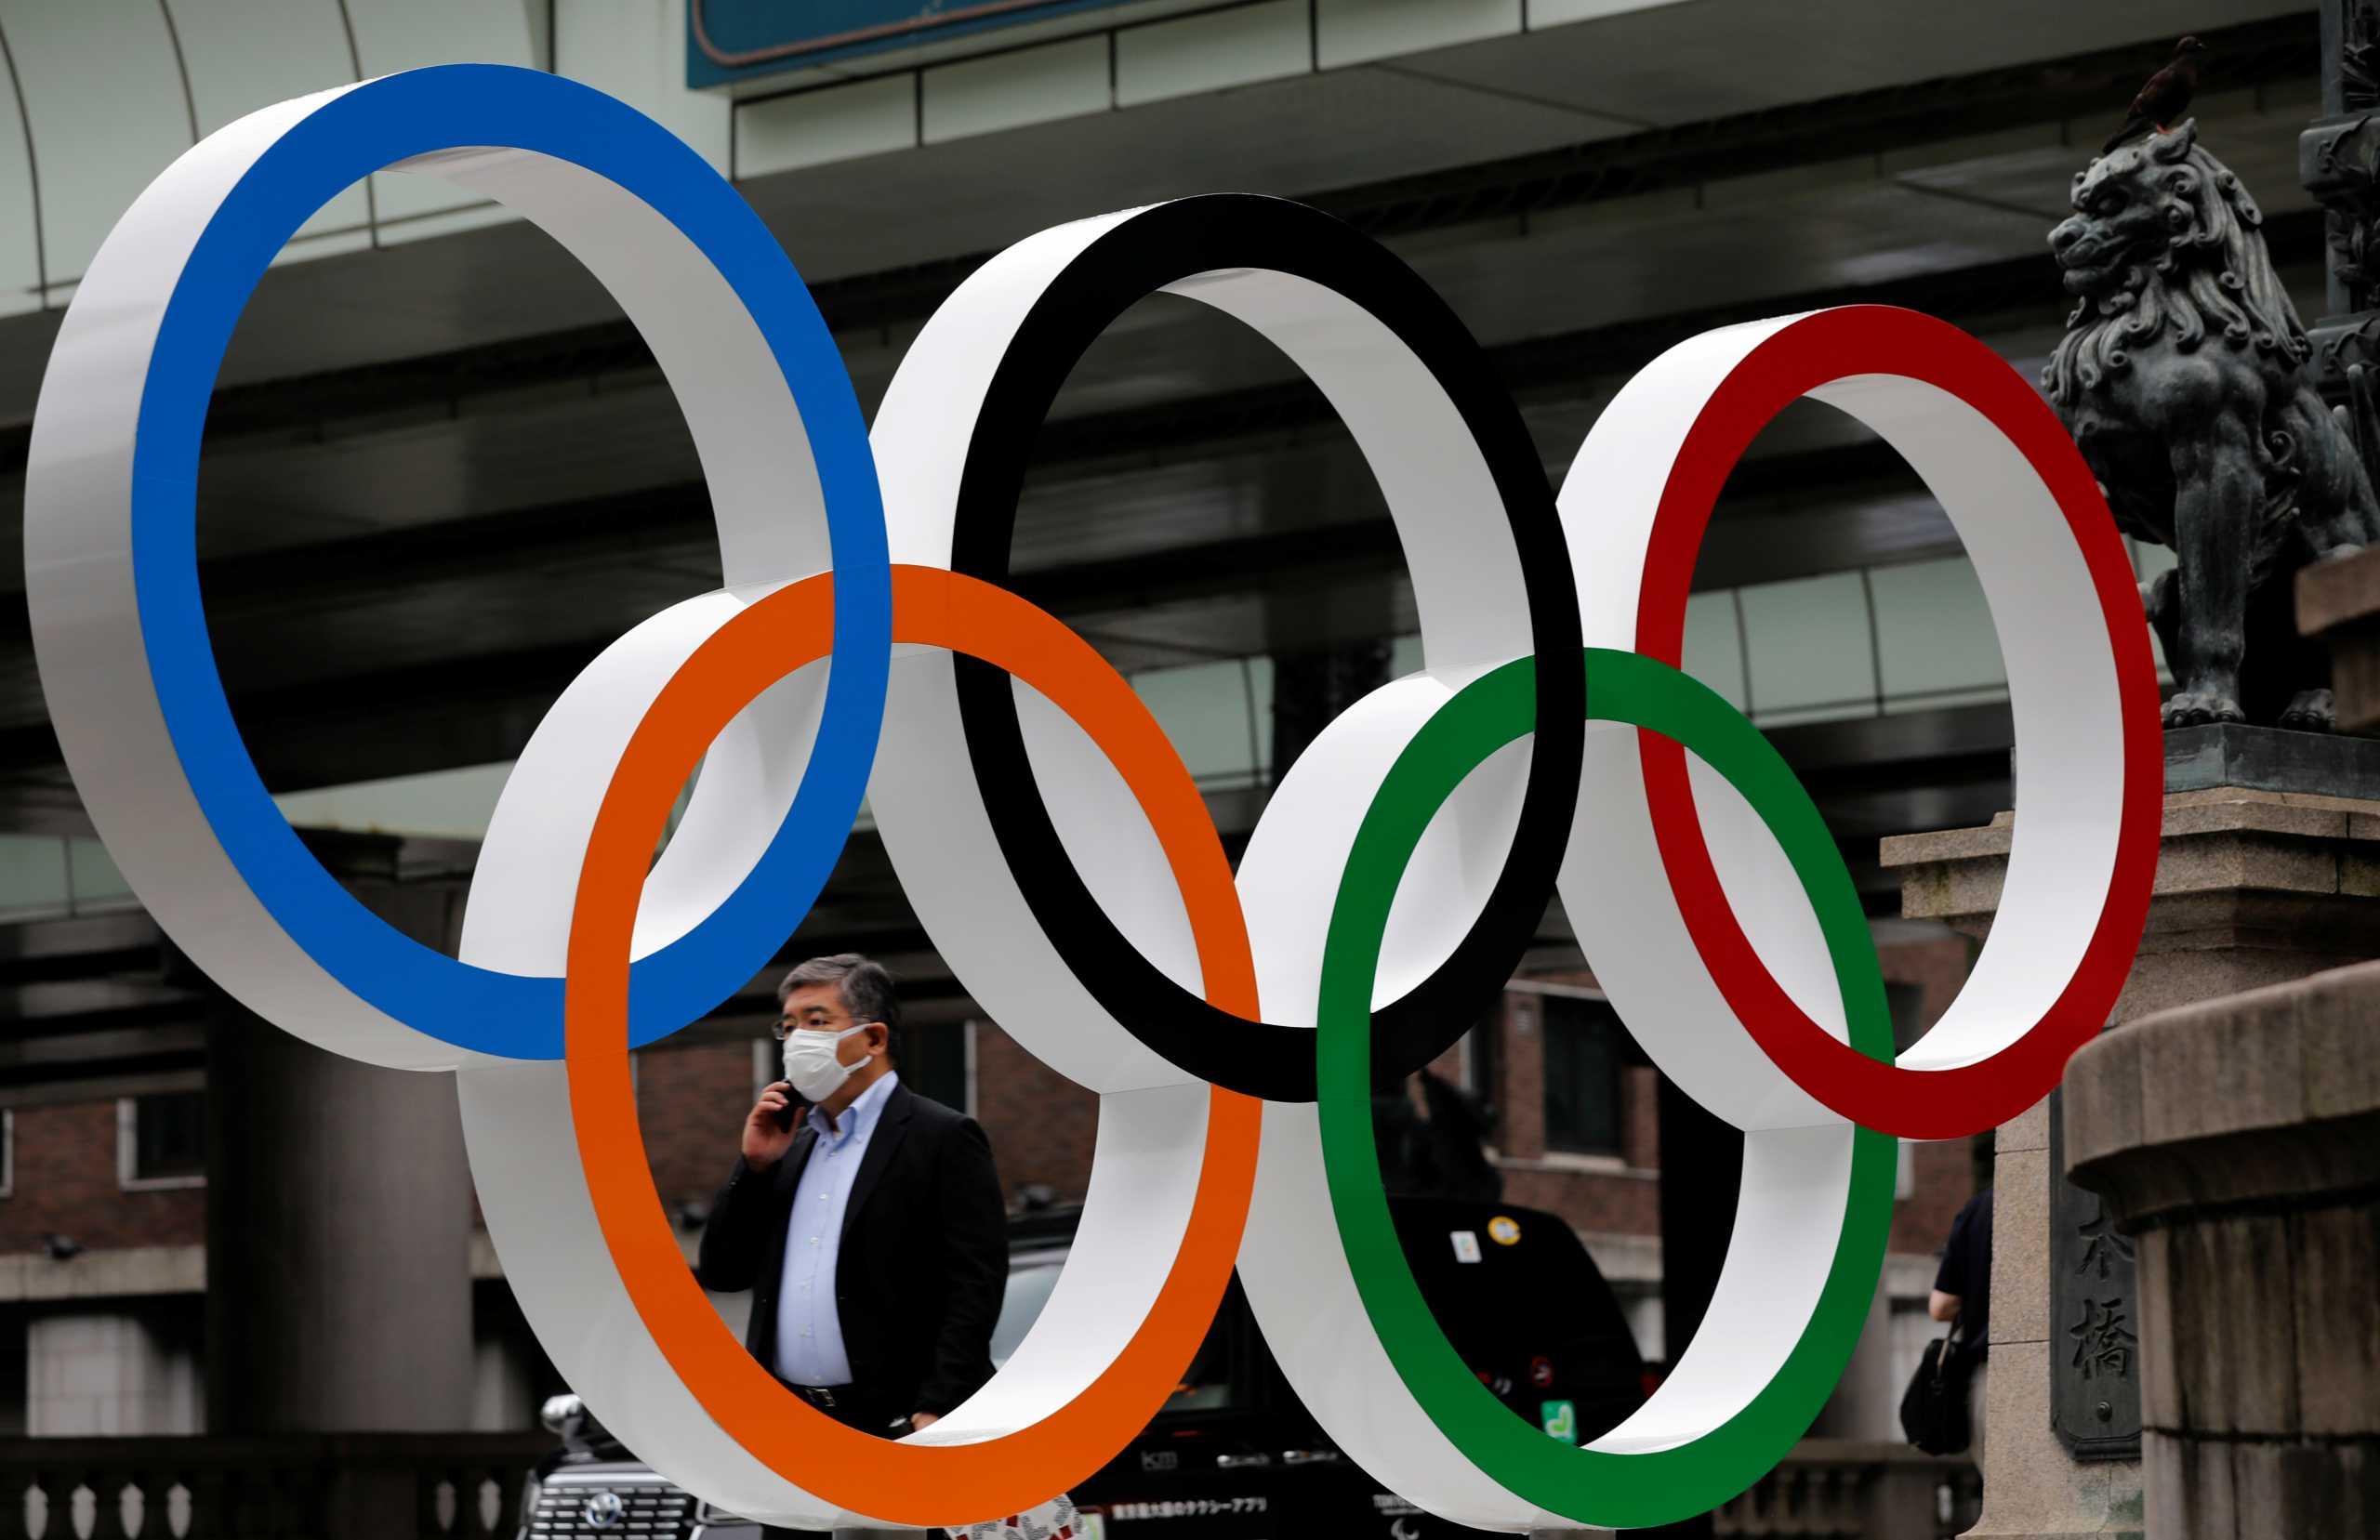 Ολυμπιακοί Αγώνες: Νέα κρίση στο Τόκιο – Φόβοι για μολύνσεις αθλητών από διαρροή λυμάτων